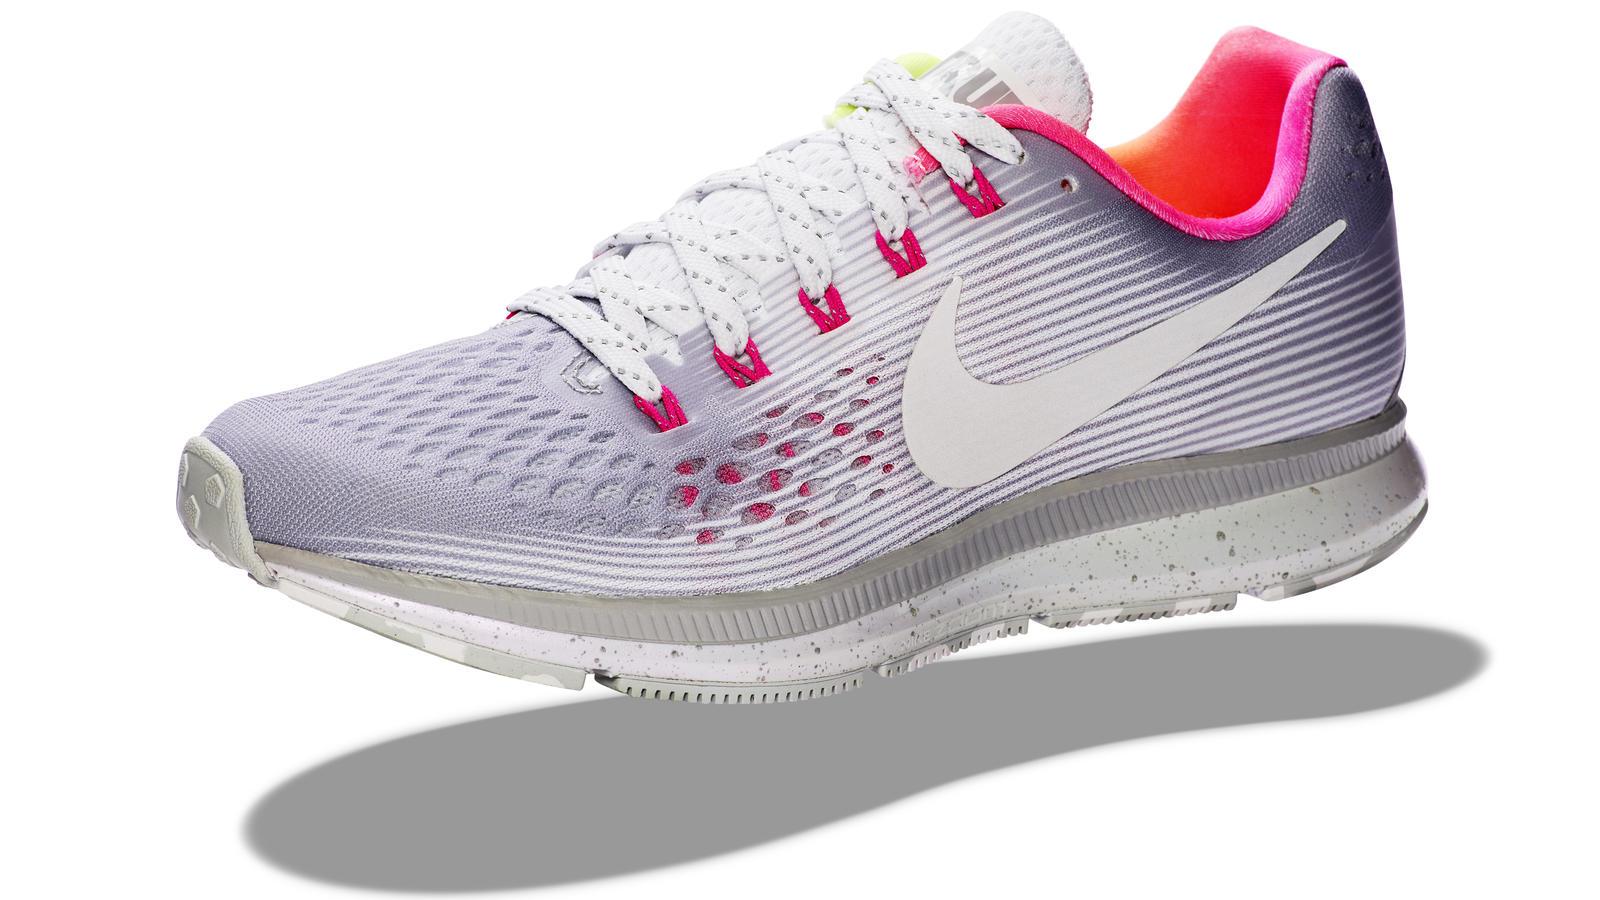 6c5f1f615164 Nike Air Zoom Pegasus 34 BETRUE